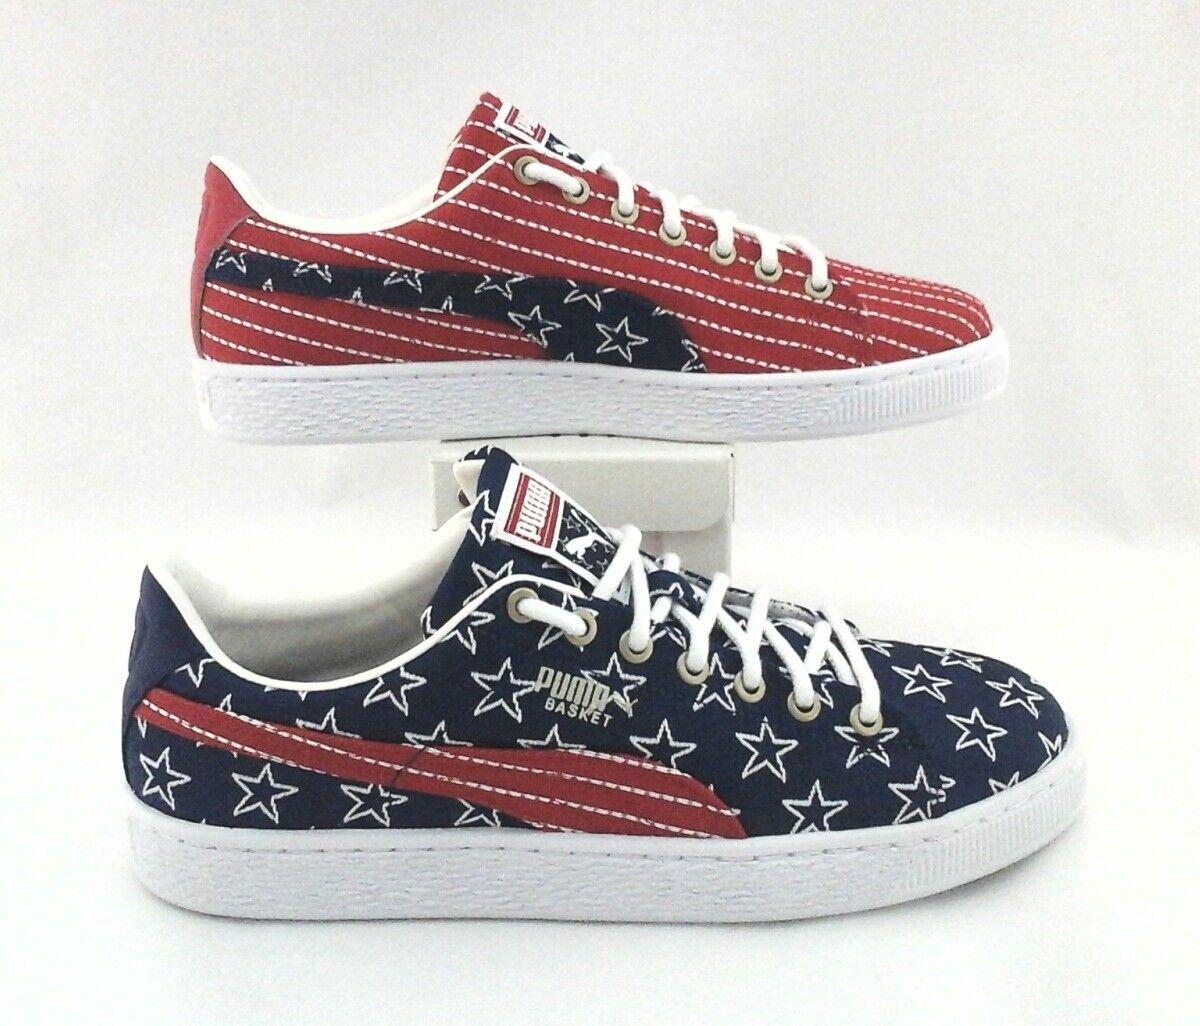 PUMA BASKET USA Stars Stripes Shoes Rosso/Blue EMBROIDEROSSO Uomo US 9/42 RARE